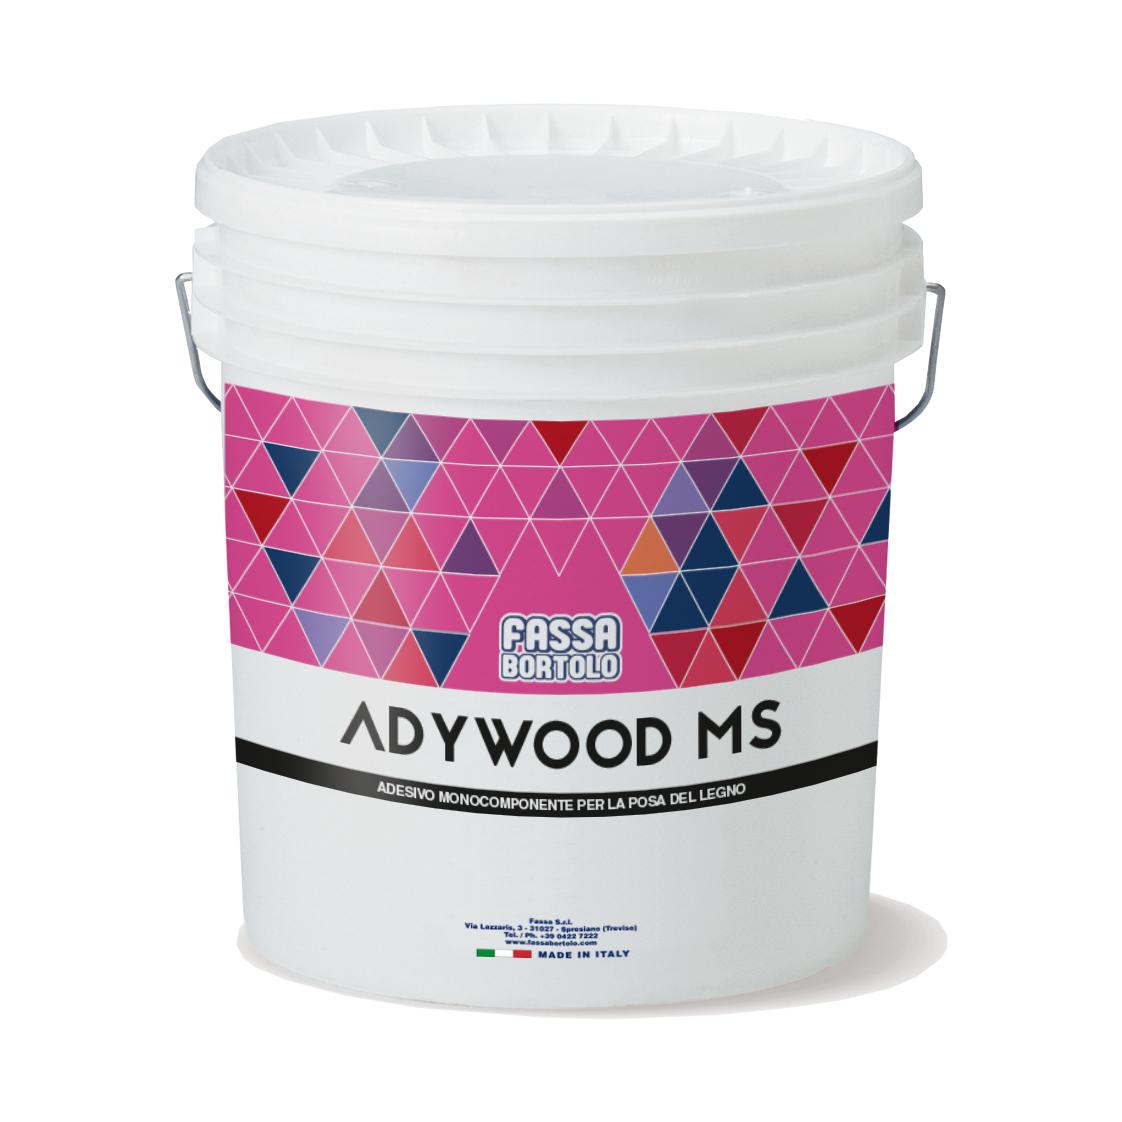 ADYWOOD MS: Adesivo monocomponente silanico per legno